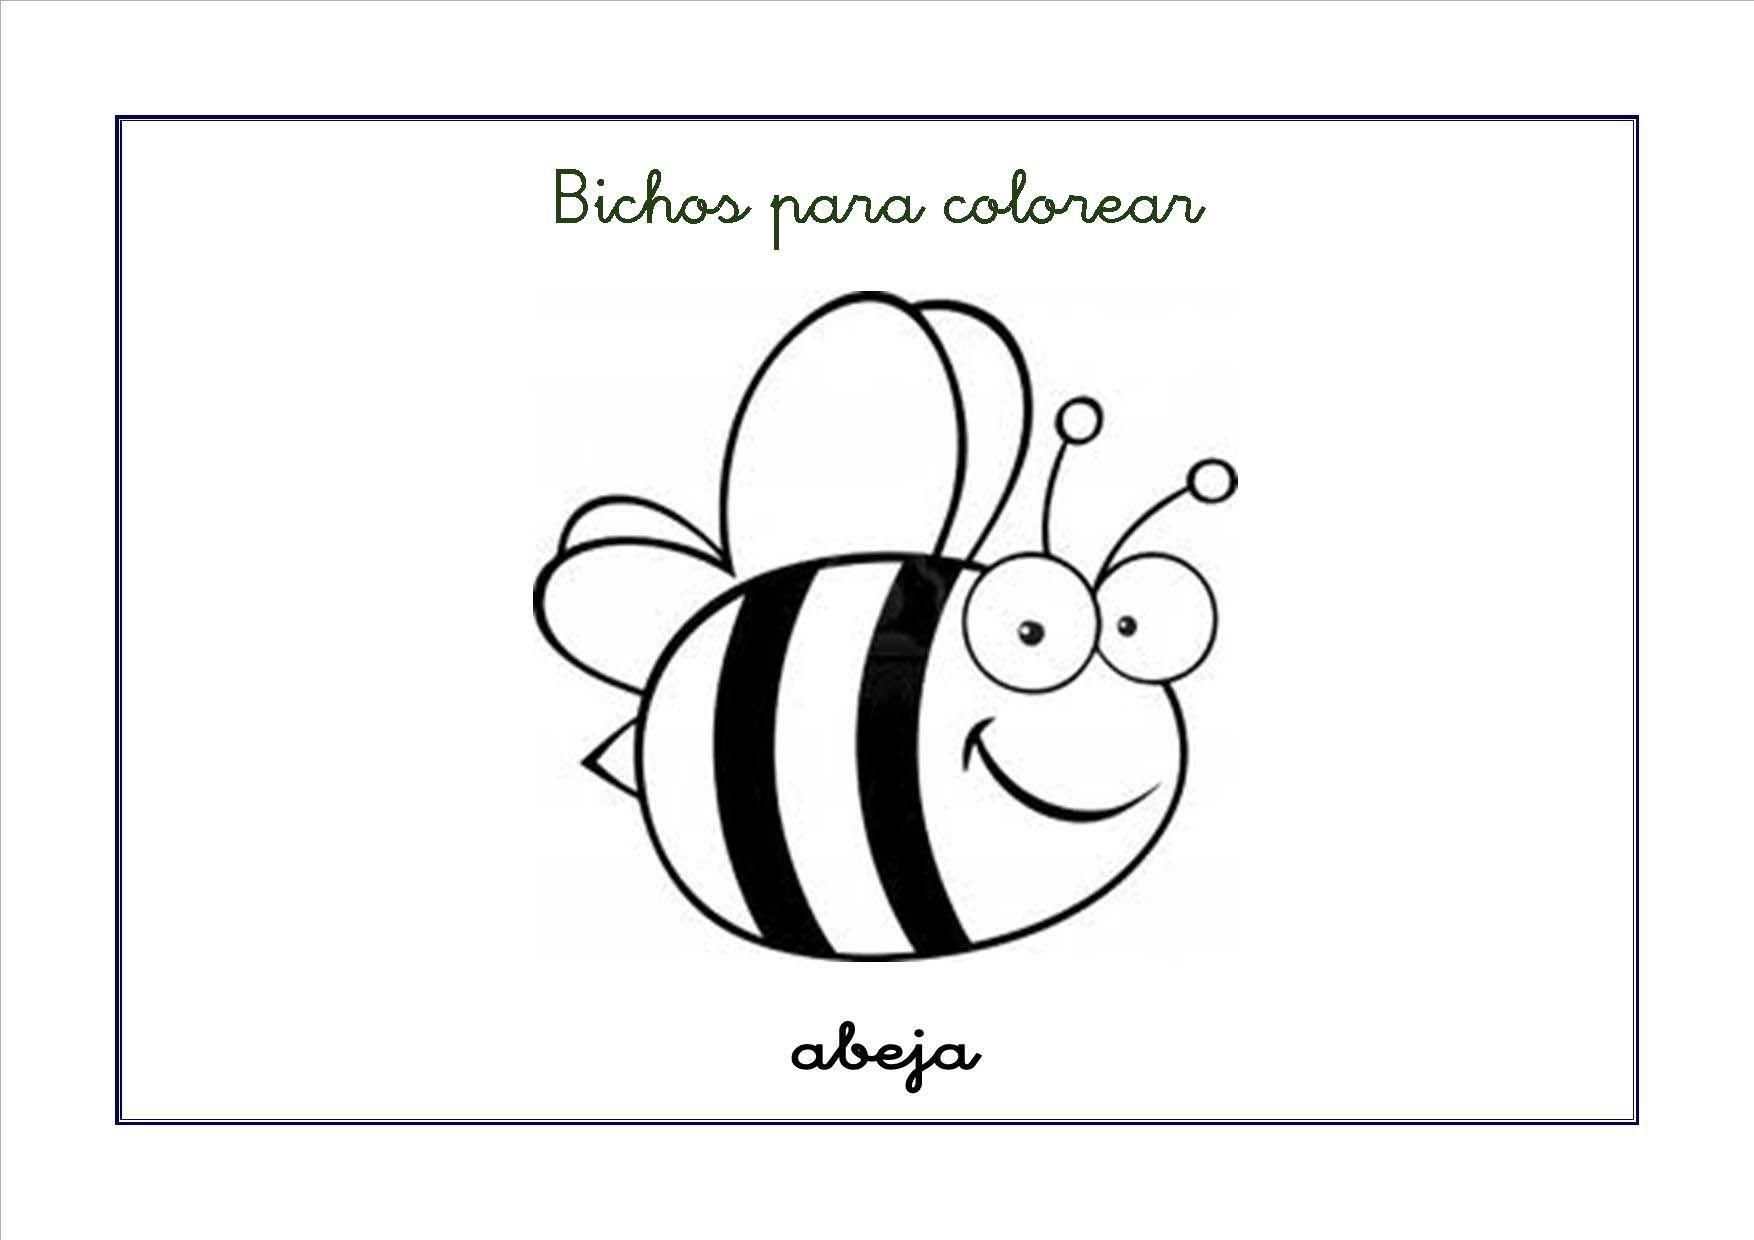 Fichas De Insectos Y Bichos Para Colorear Aprende Los Insectos Que Viven Cerca De Ti Colorearlos Y Sobre Todo Ten Cuidado Con Ellos Fichas Bichos Abejas